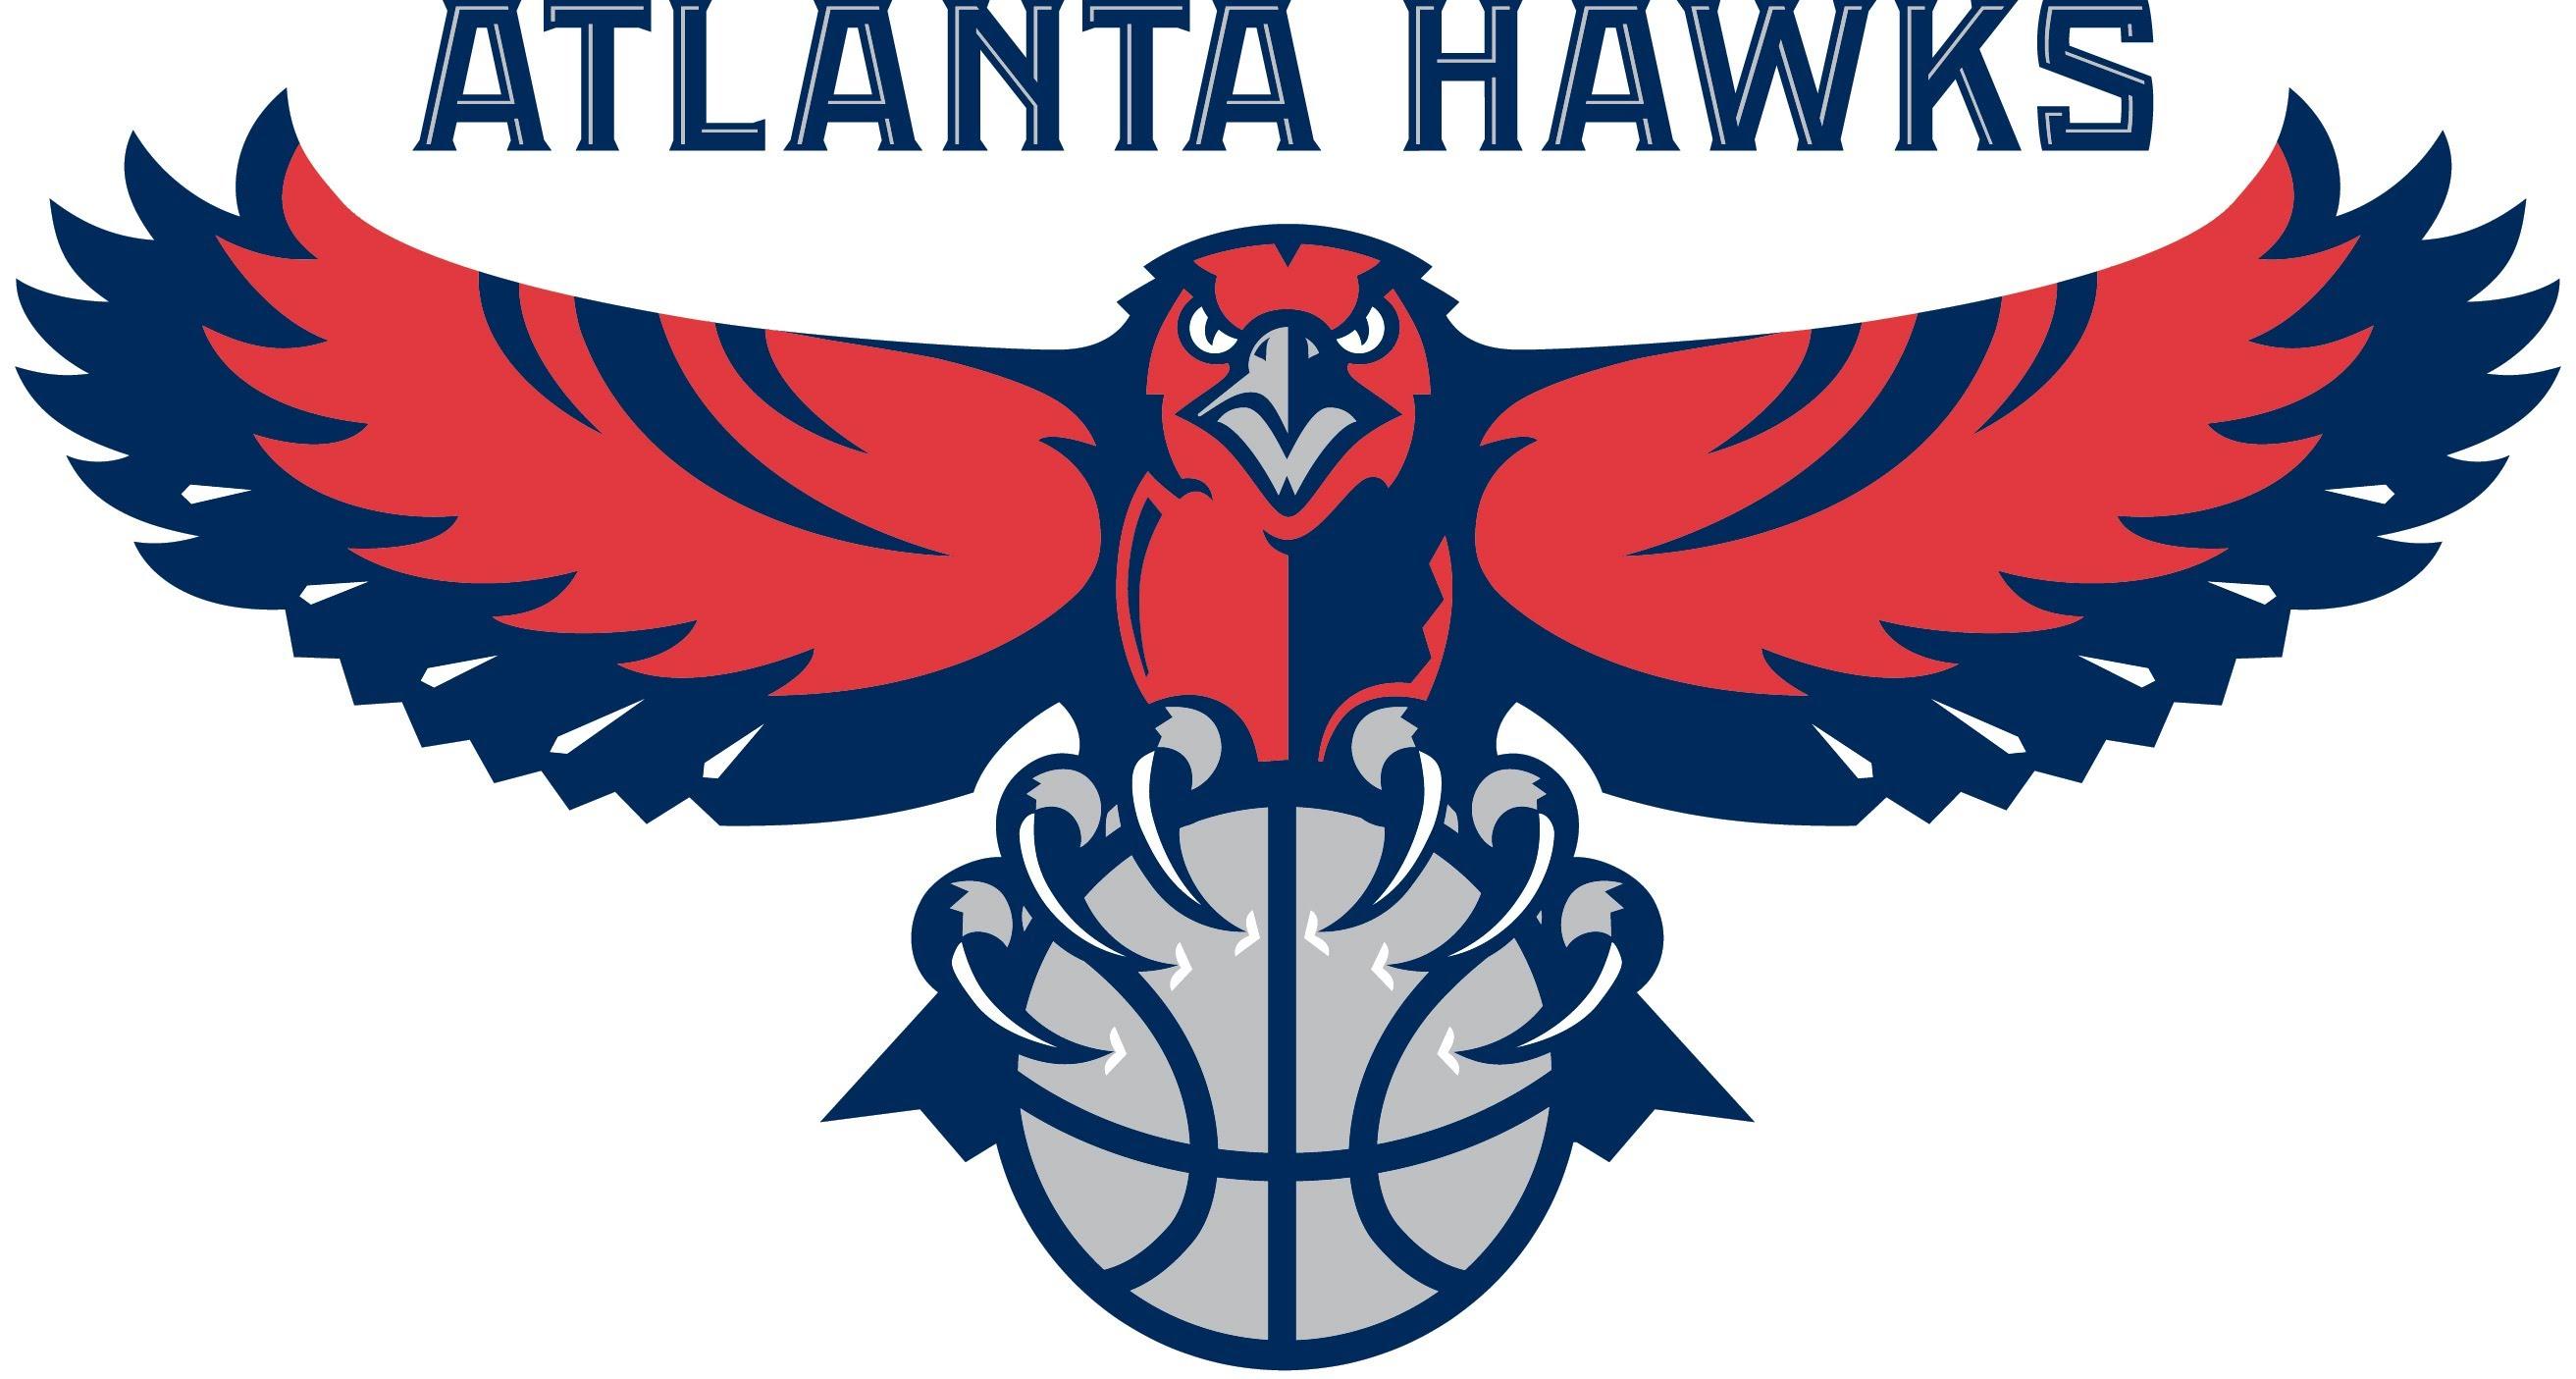 2625x1405 Dibujando Atlanta Hawks Logo